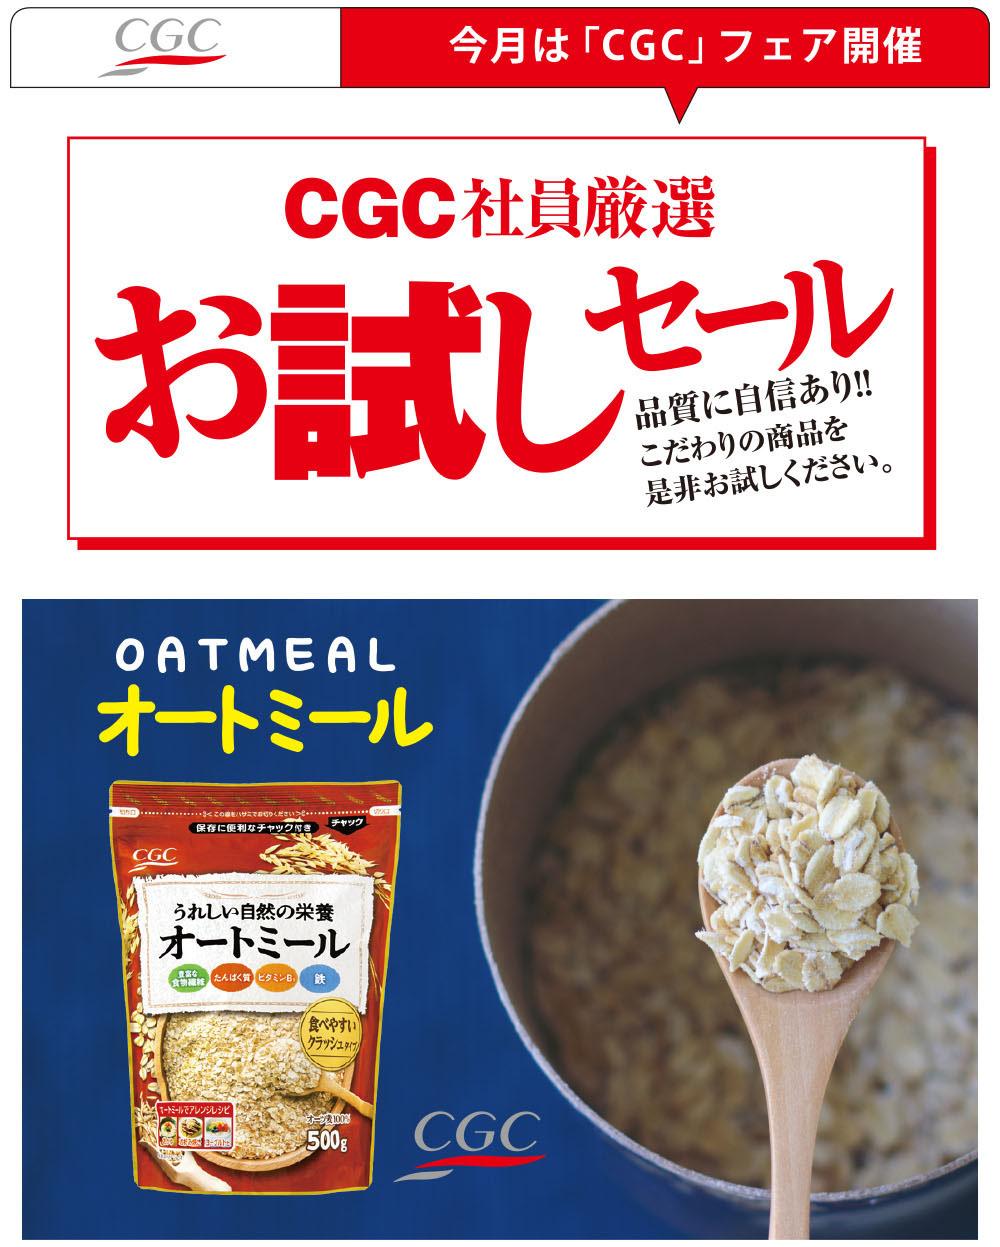 CGC オートミール